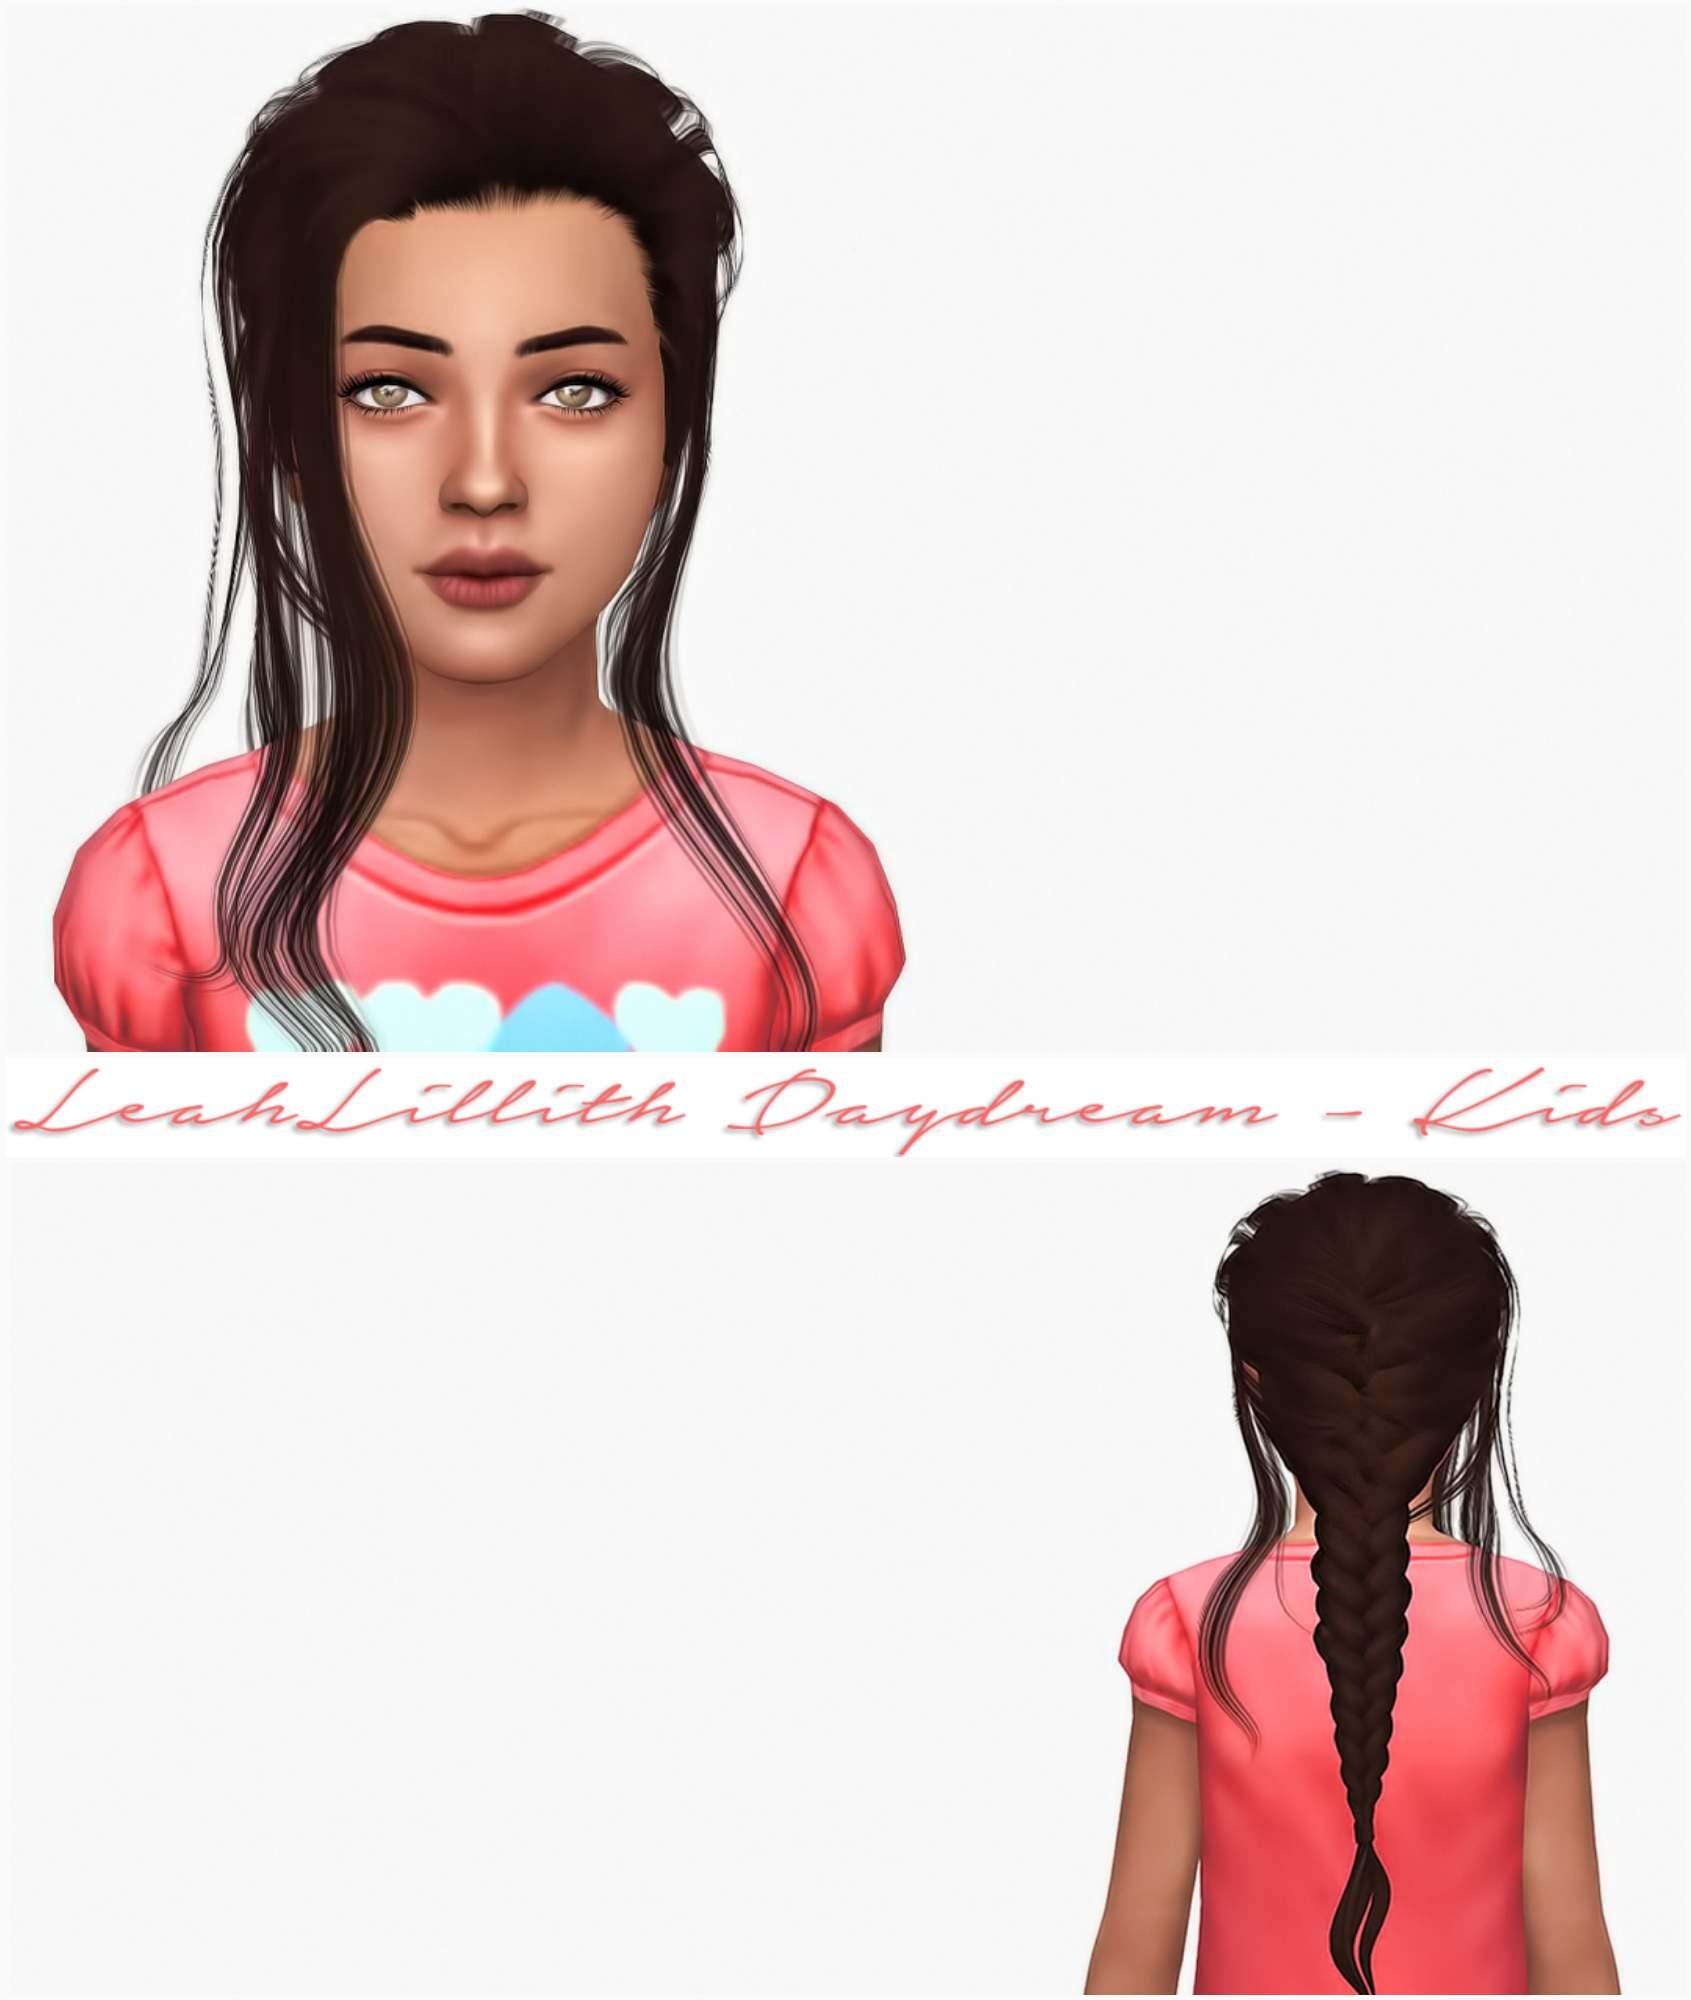 Прическа для девочки - LeahLillith Daydream - Kids